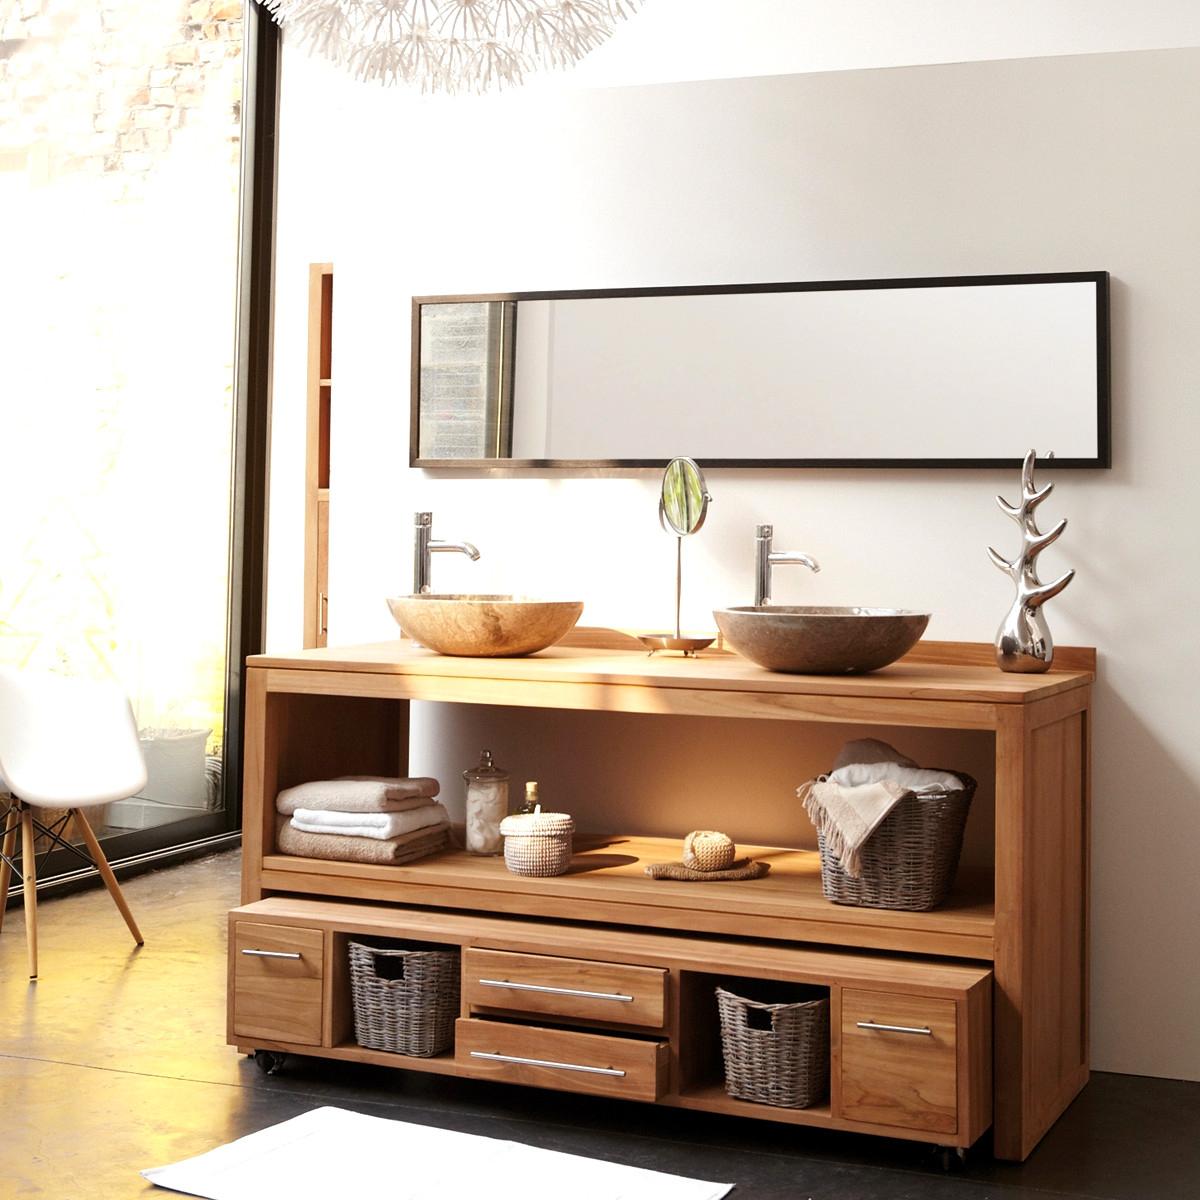 Meuble salle de bain teck colonial impressionnant images 25meilleur de meuble salle bain teck - Meuble salle de bain teck colonial ...